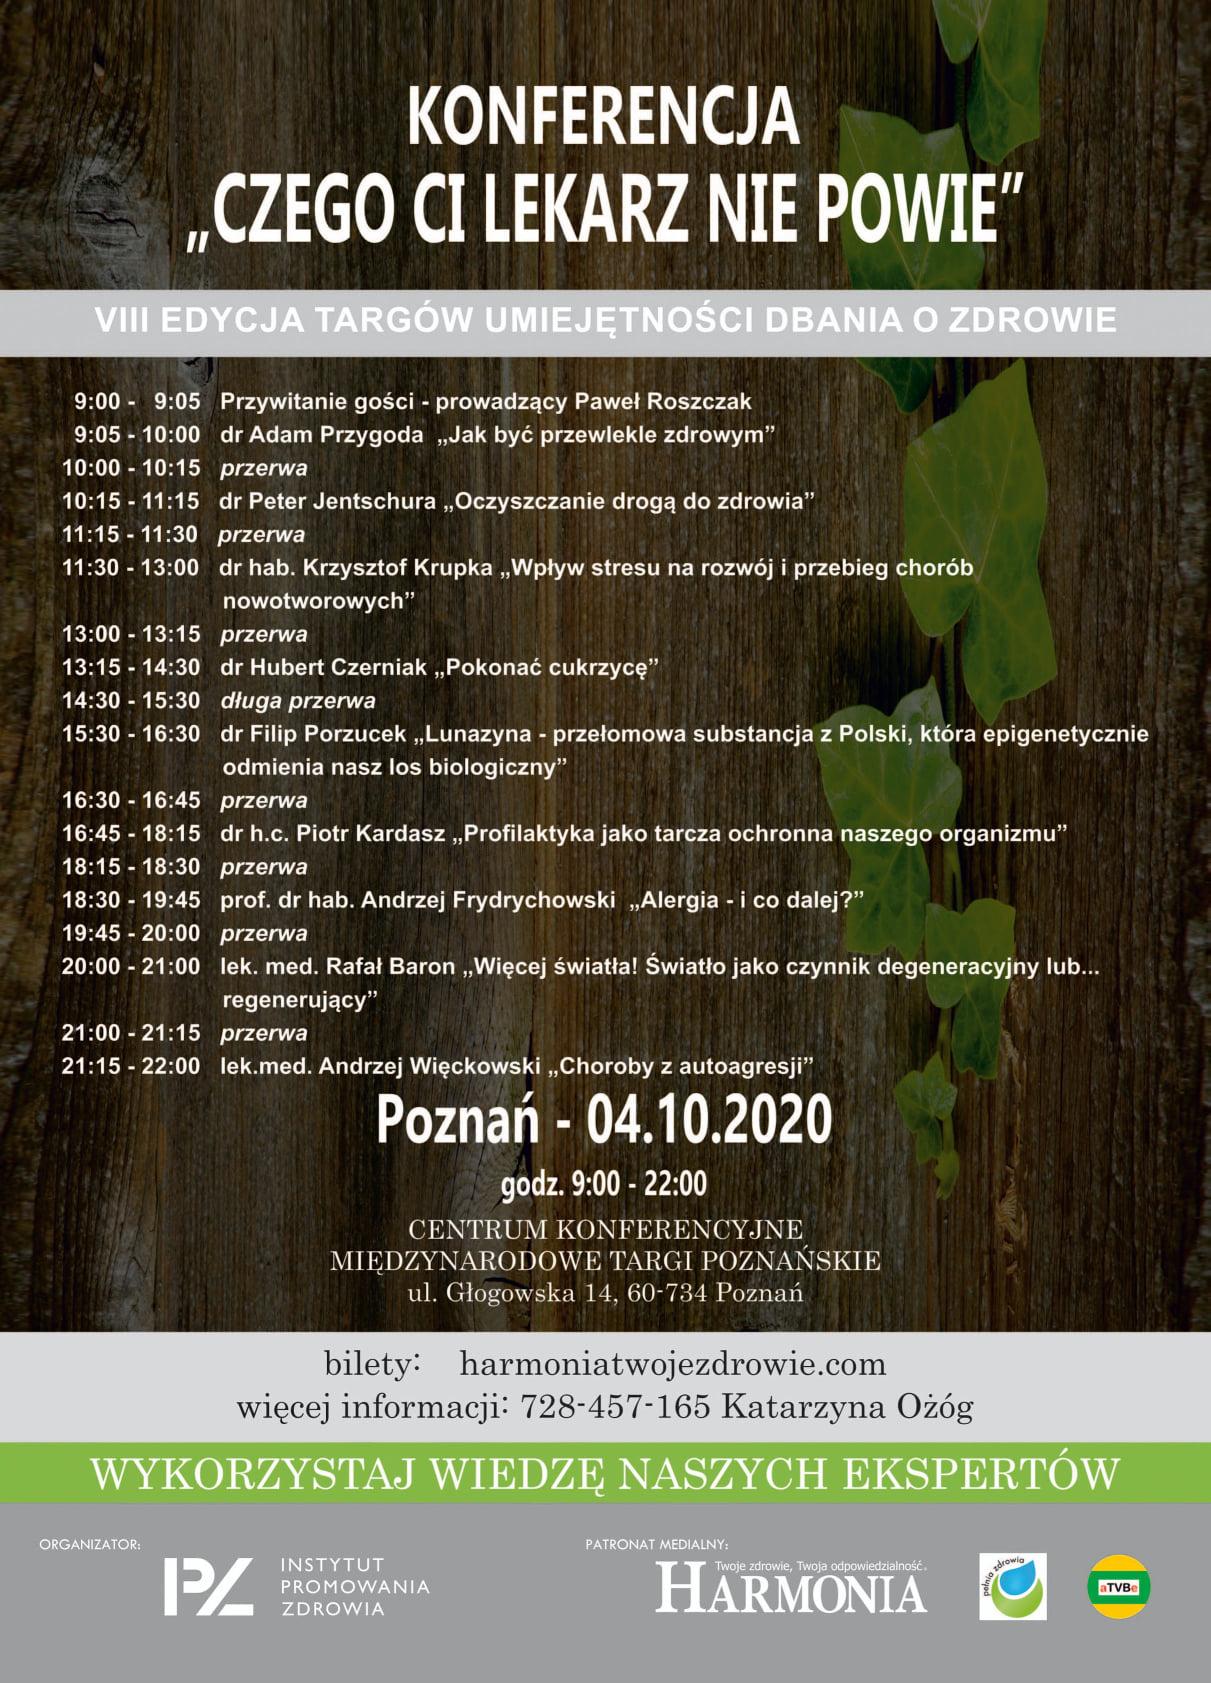 Spotkajmy się w Katowicach i Poznaniu!